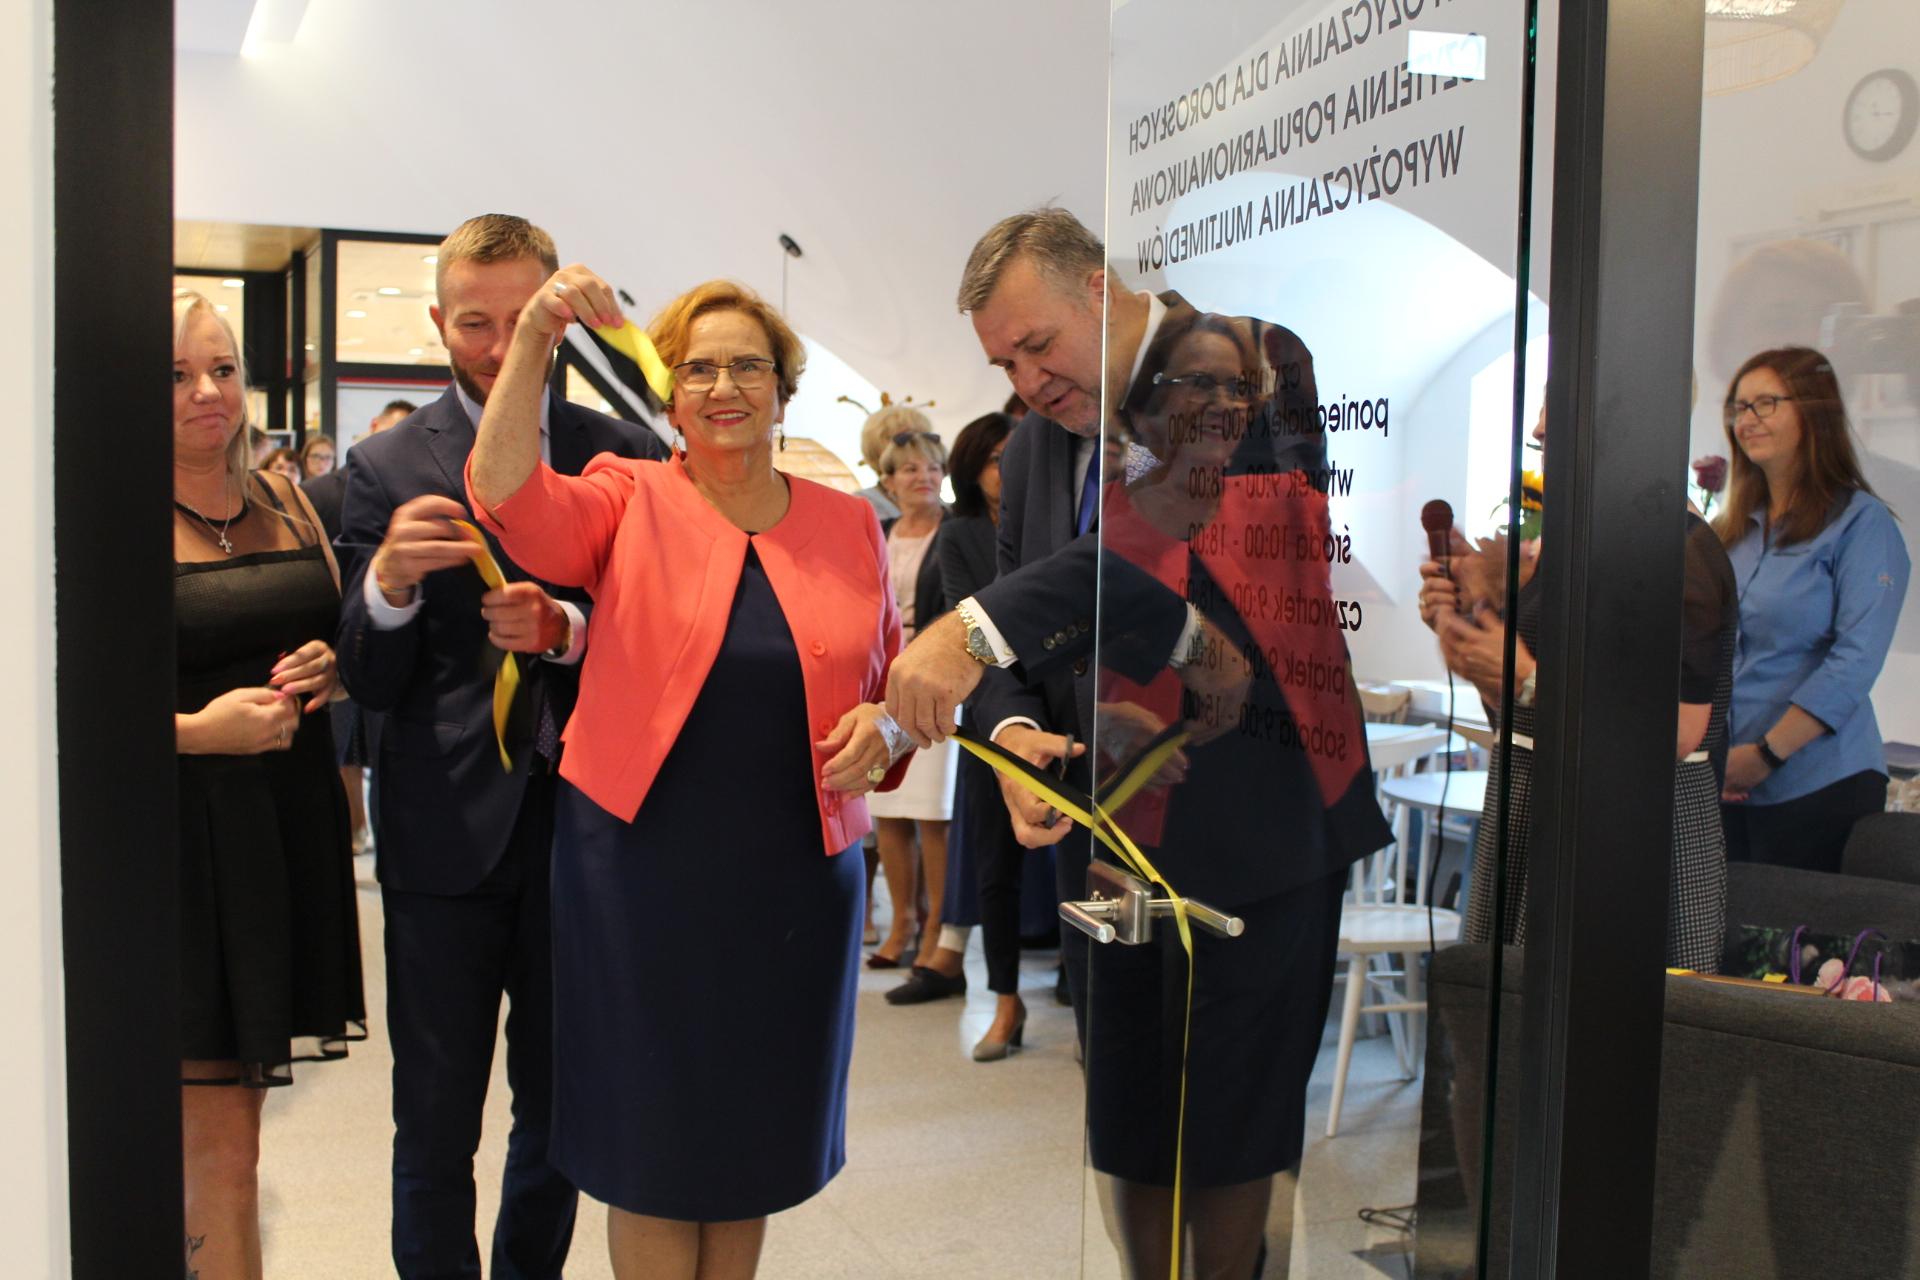 Przecięto wstęgę przed nową biblioteką w Kartuzach fot. P.CH. / zKaszub.info